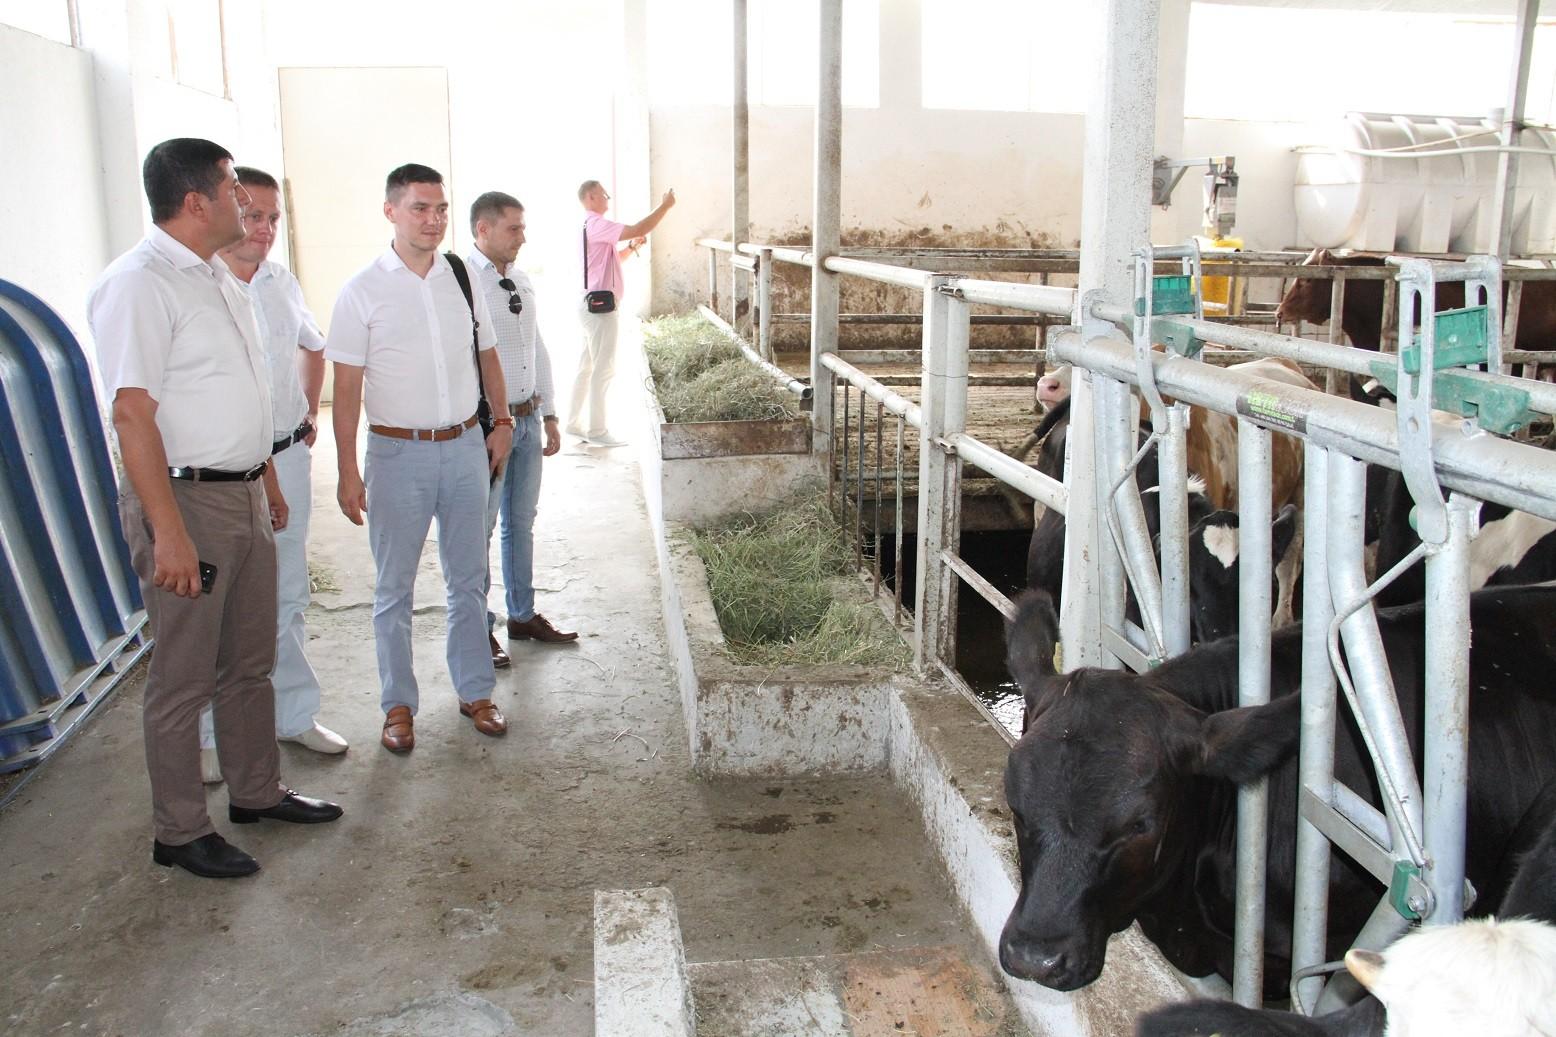 Kuban Dövlət Aqrar Universitetinin əməkdaşları ADAU-da olublar